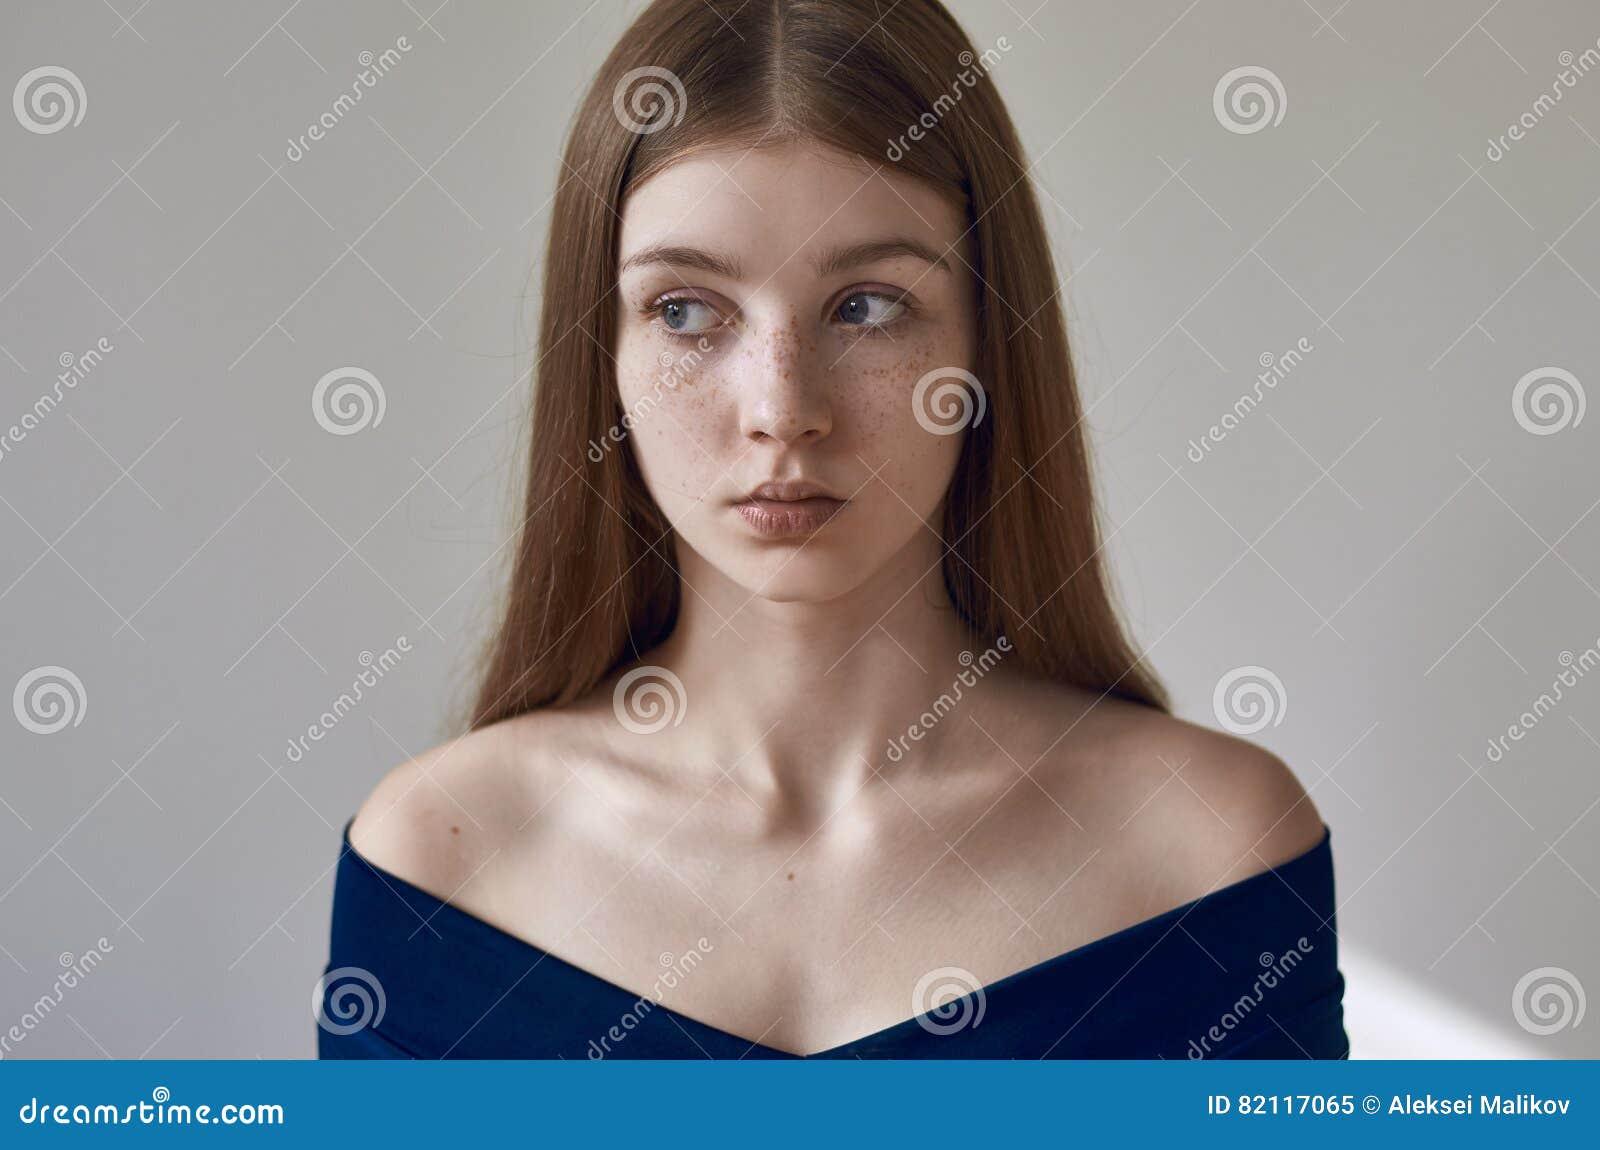 Schoonheidsthema: portret van een mooi jong meisje met sproeten op haar gezicht en het dragen van een blauwe kleding op een witte